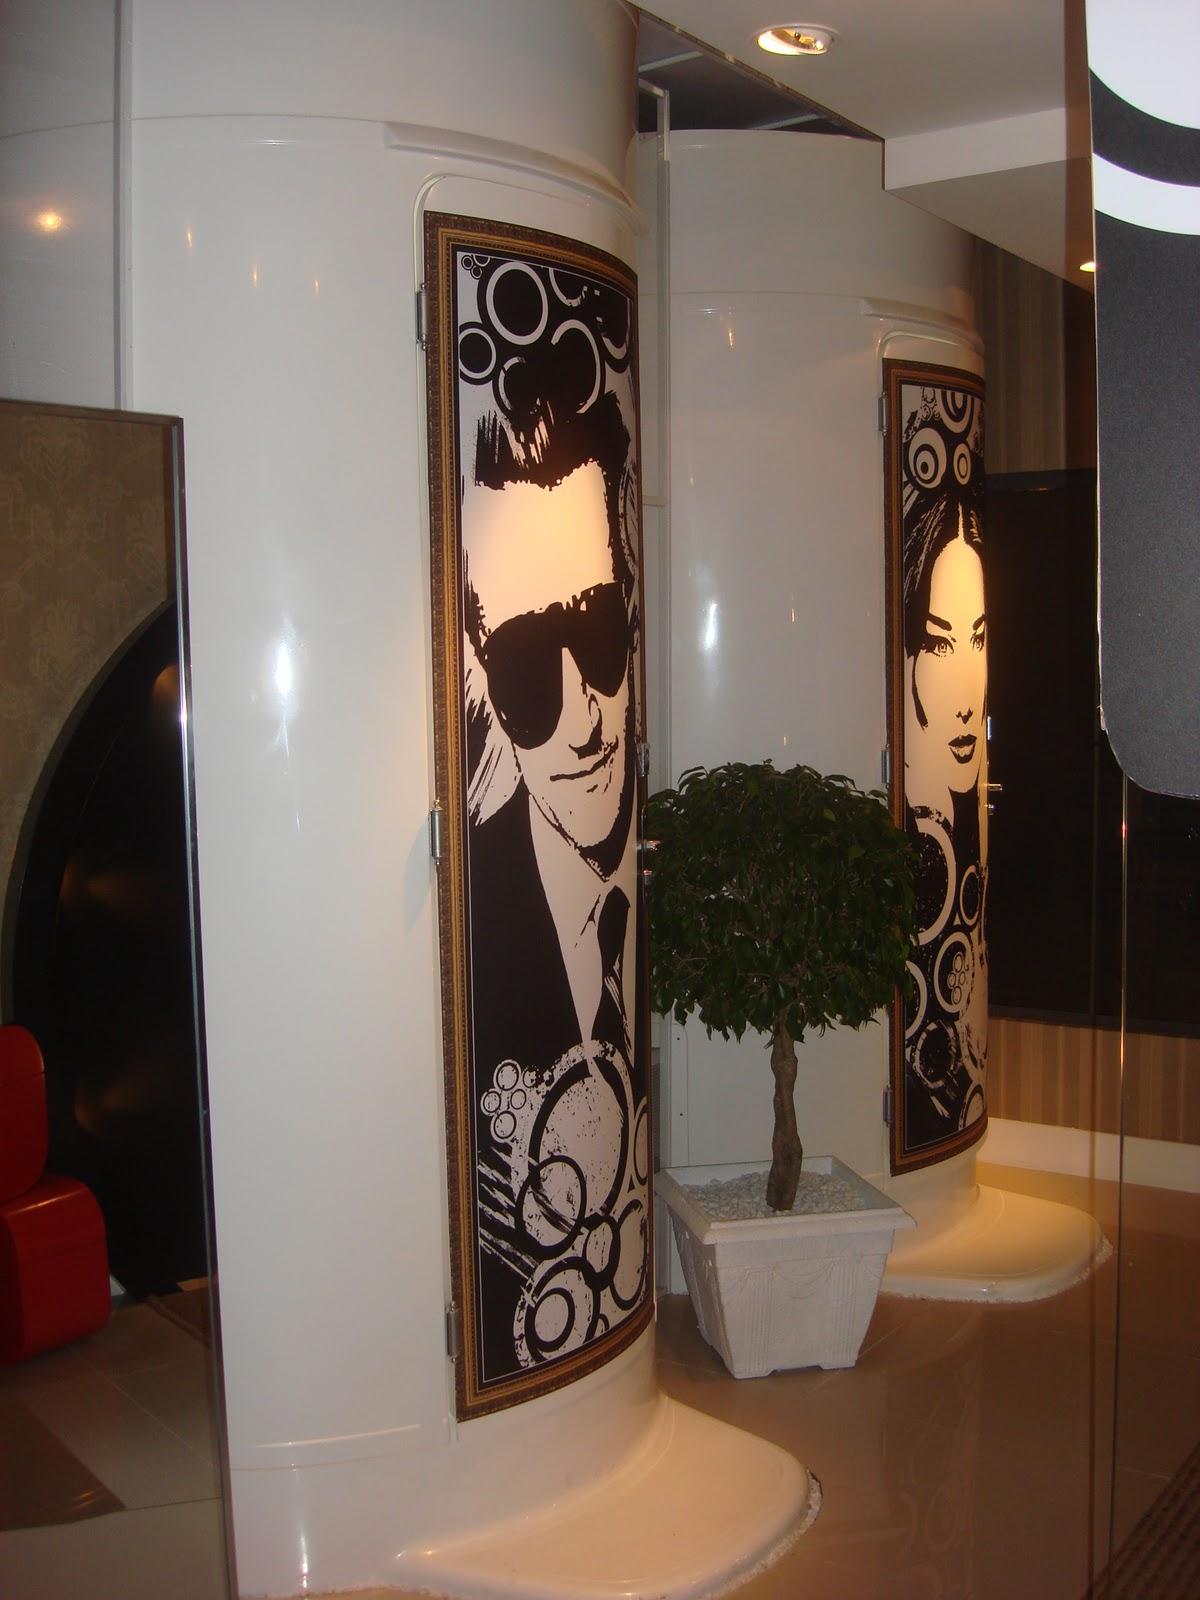 Blog da Jú Bley: Banheiros de Luxo para Eventos  #966735 1200x1600 Banheiro De Luxo Para Eventos